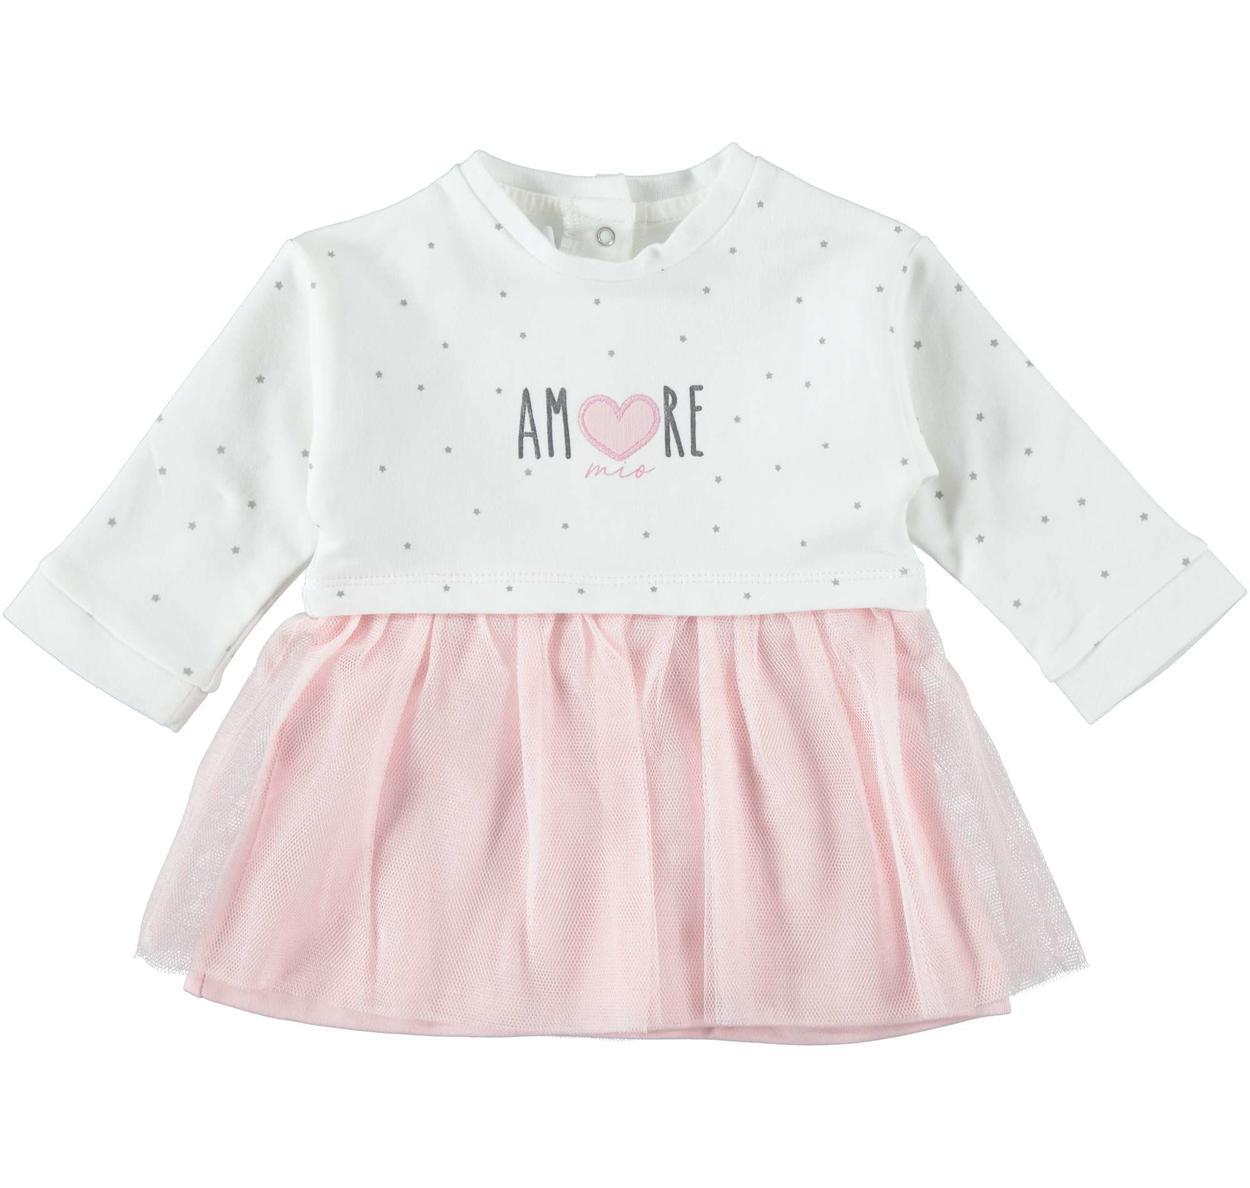 godere di un prezzo economico retrò stili di moda Vestitino a manica lunga in cotone con gonna in tulle per neonata da 0 a 24  mesi Minibanda